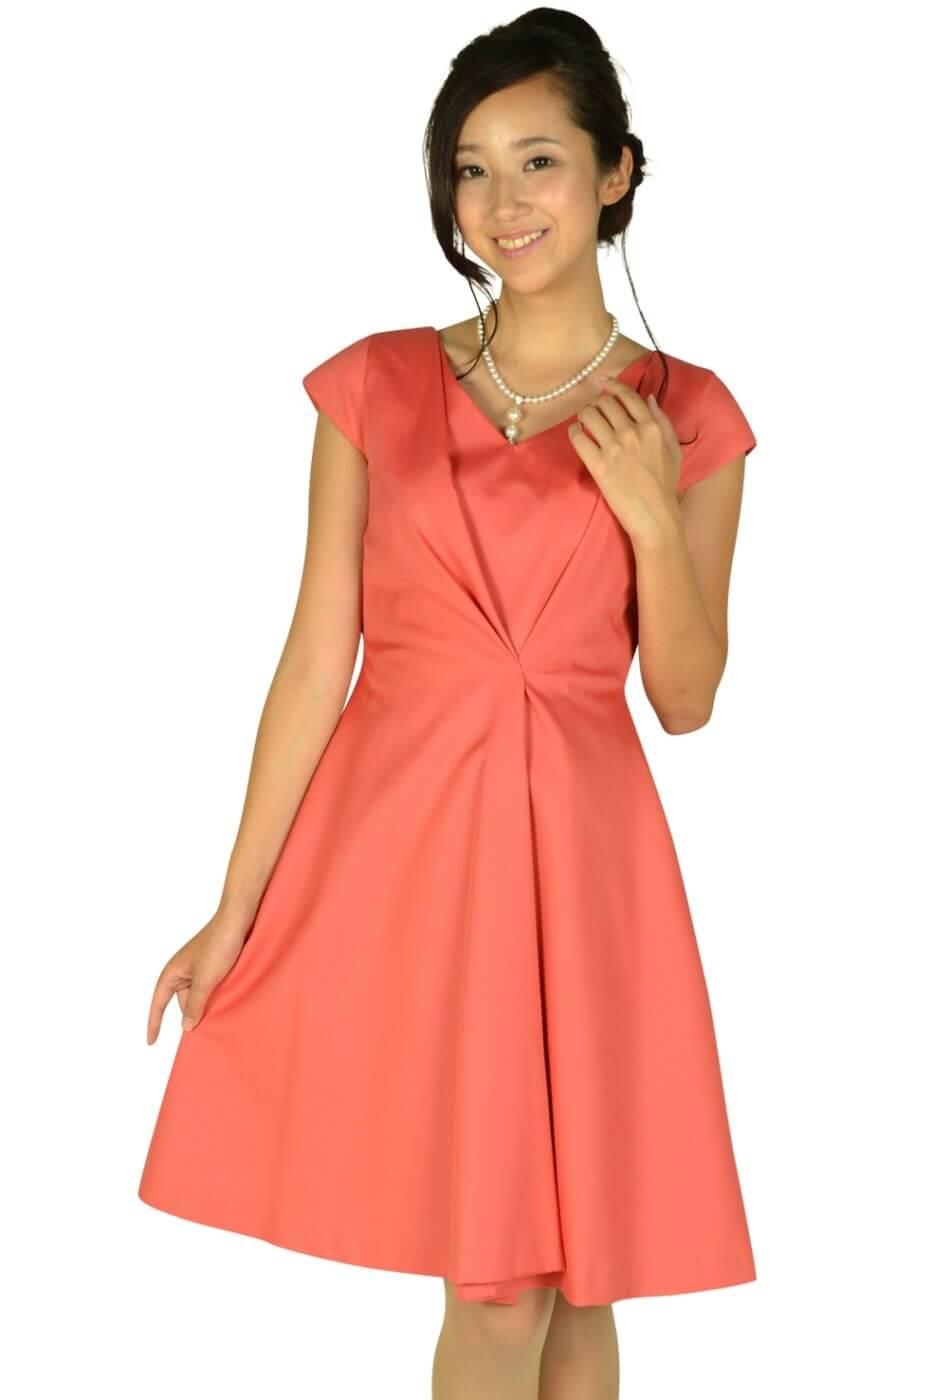 ラ トータリテ (La TOTALITE)エレガントタックオレンジピンクドレス